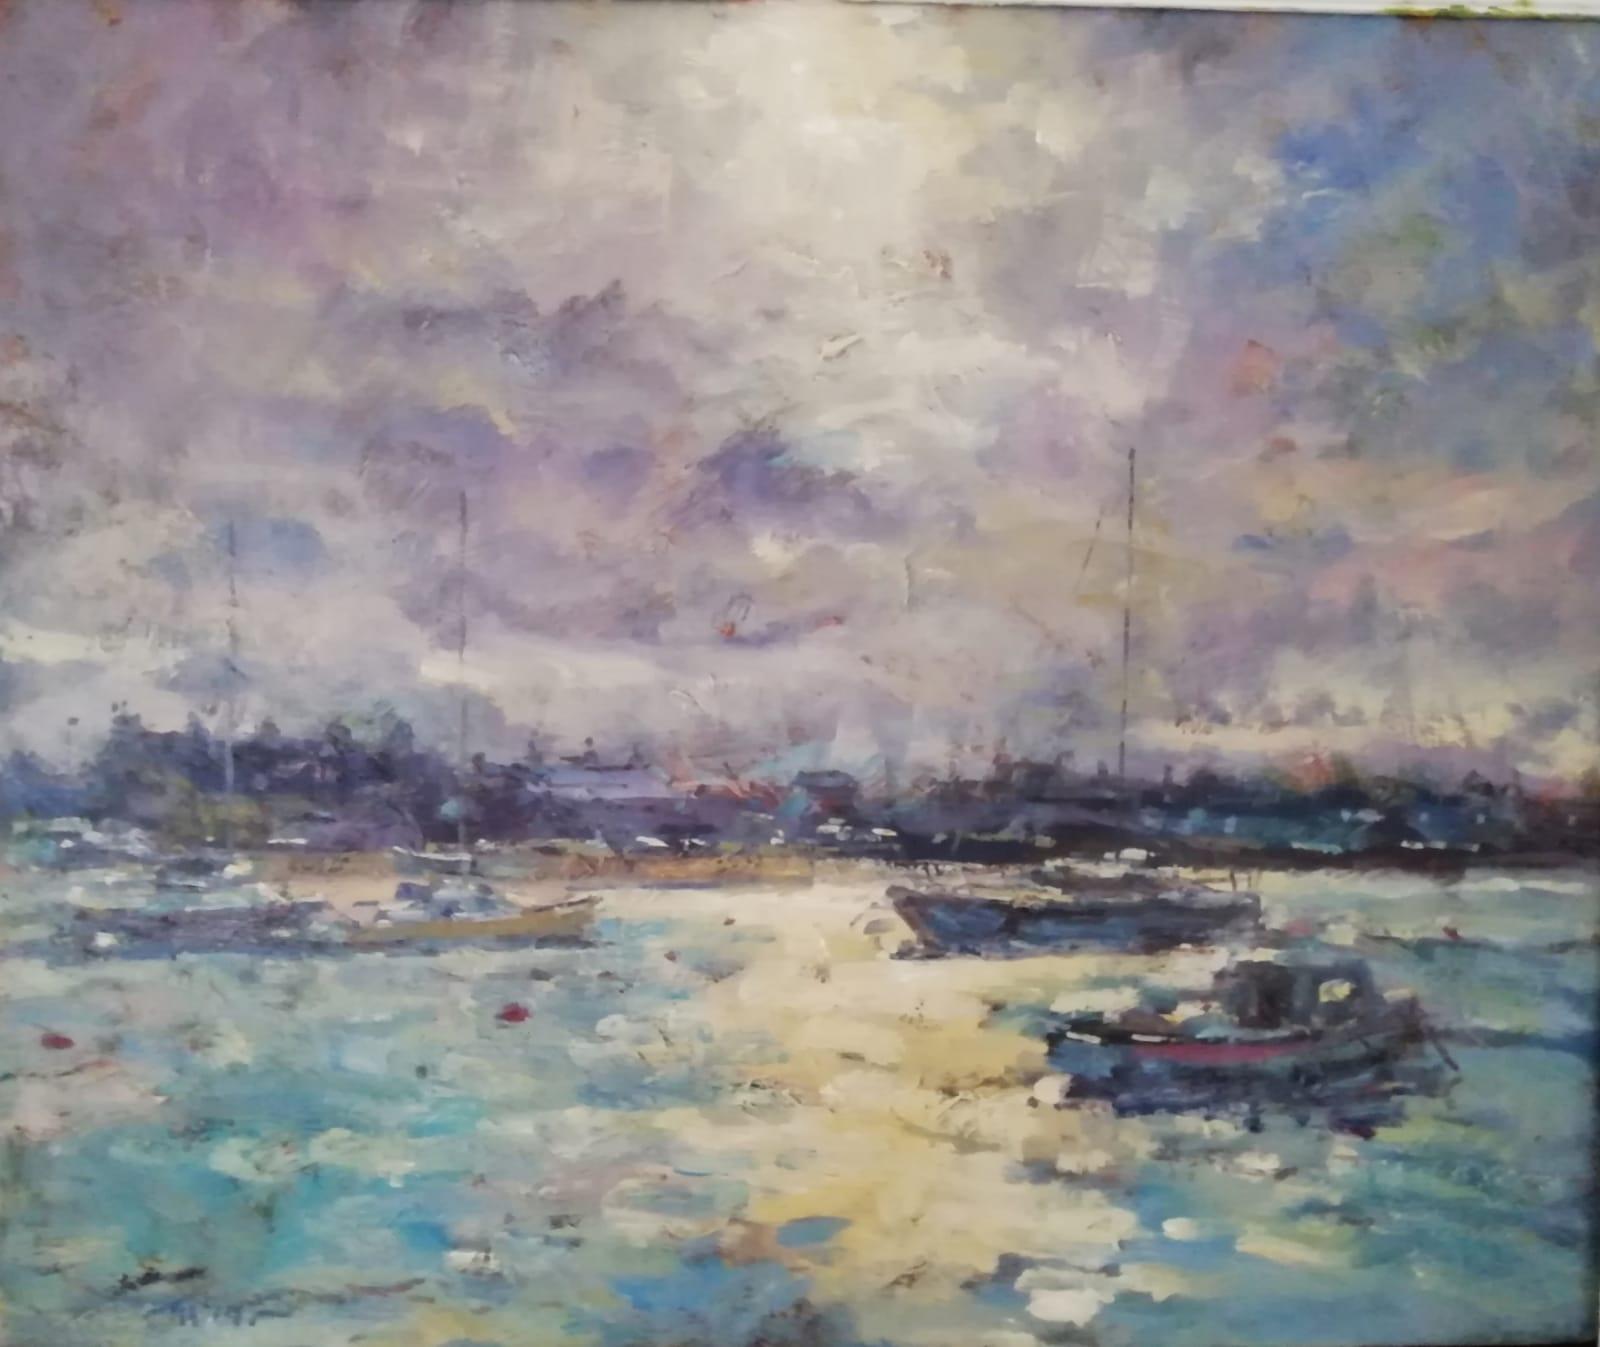 'Skerries Harbour', oil on canvas,  51cm x 61cm, £1,800